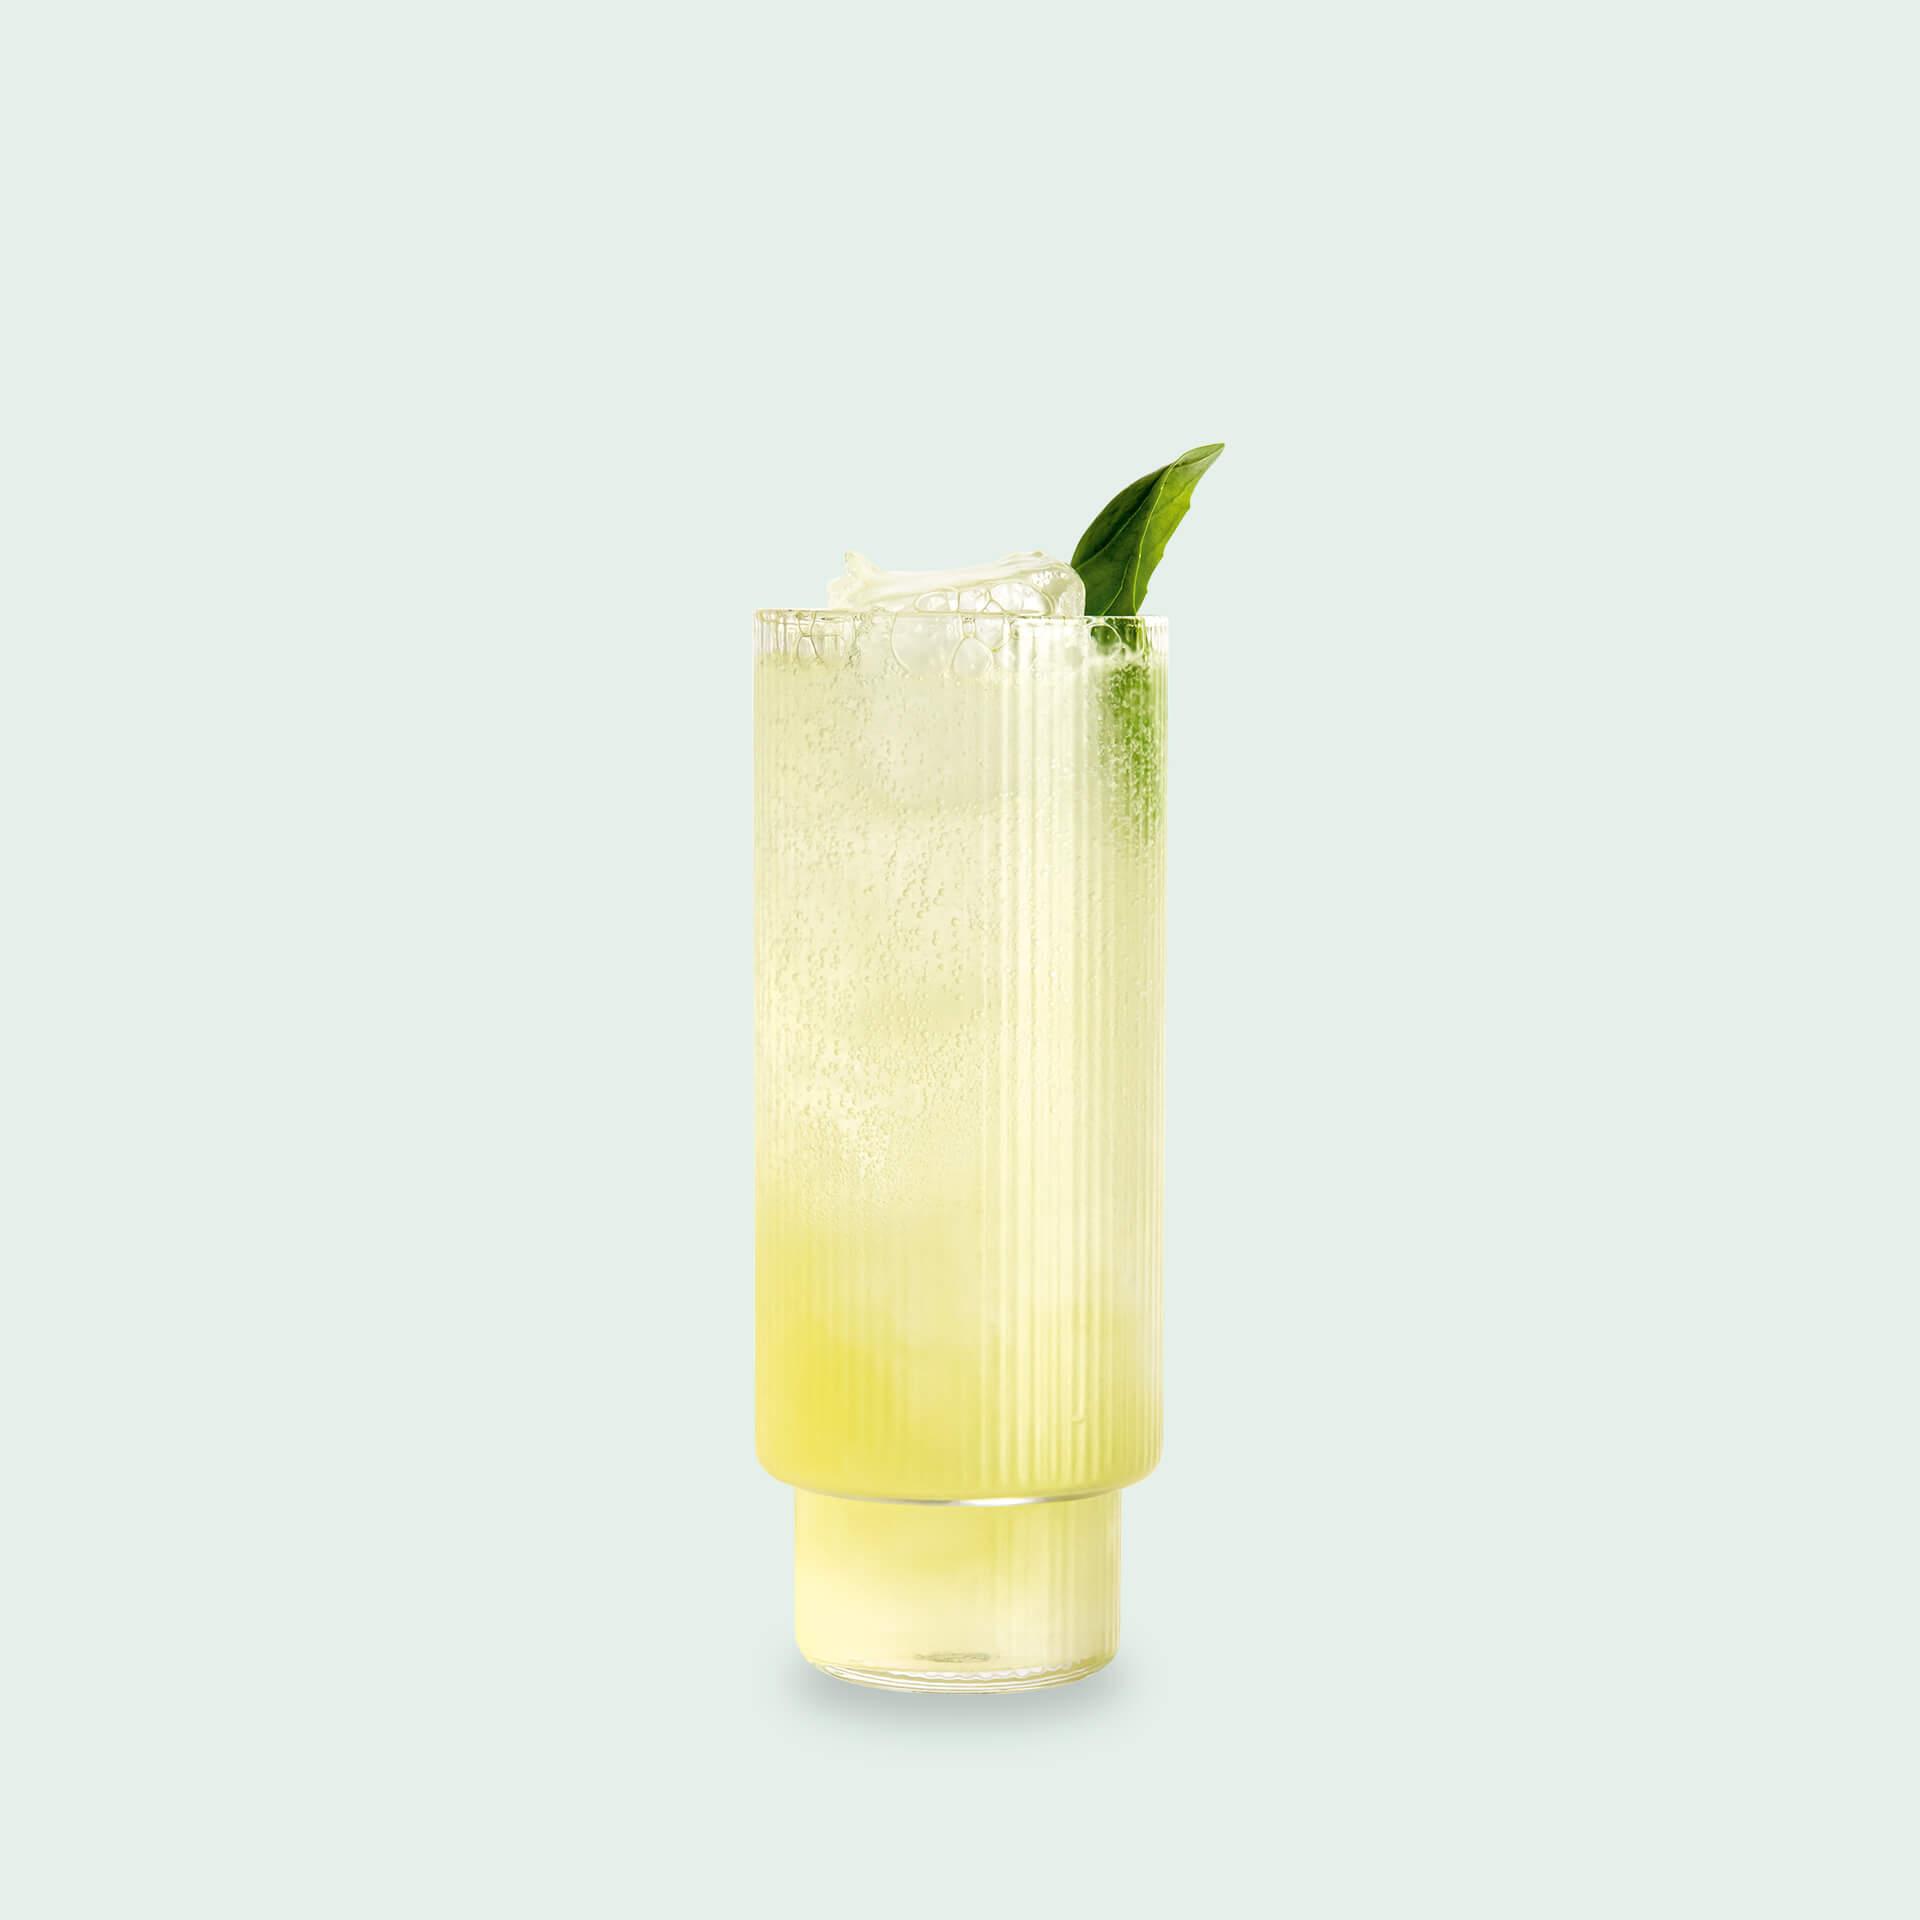 Aus dem Gin Tasting Set